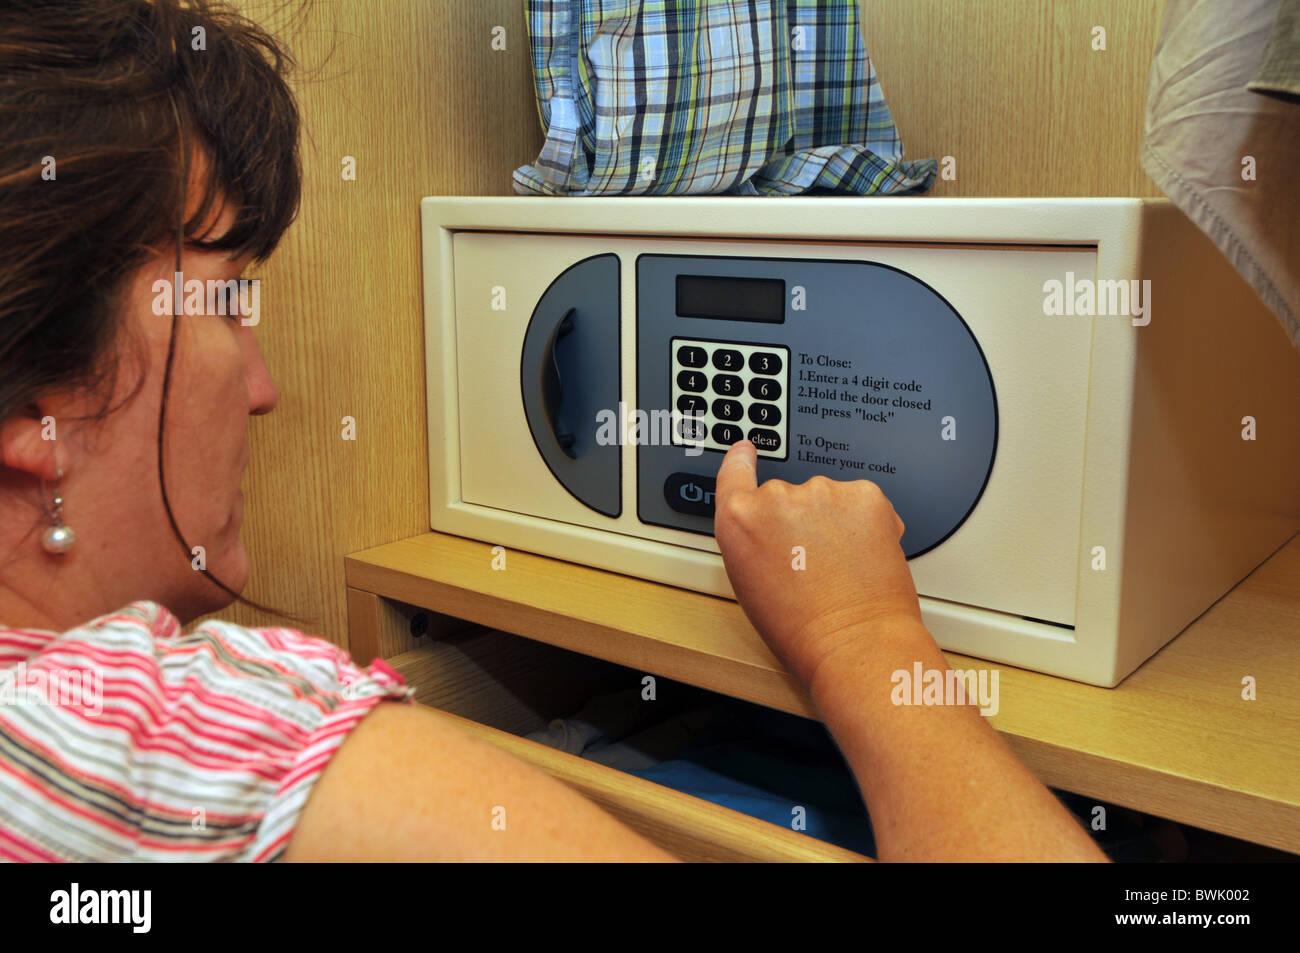 Safe, hotel safe, motel safe, security safe - Stock Image